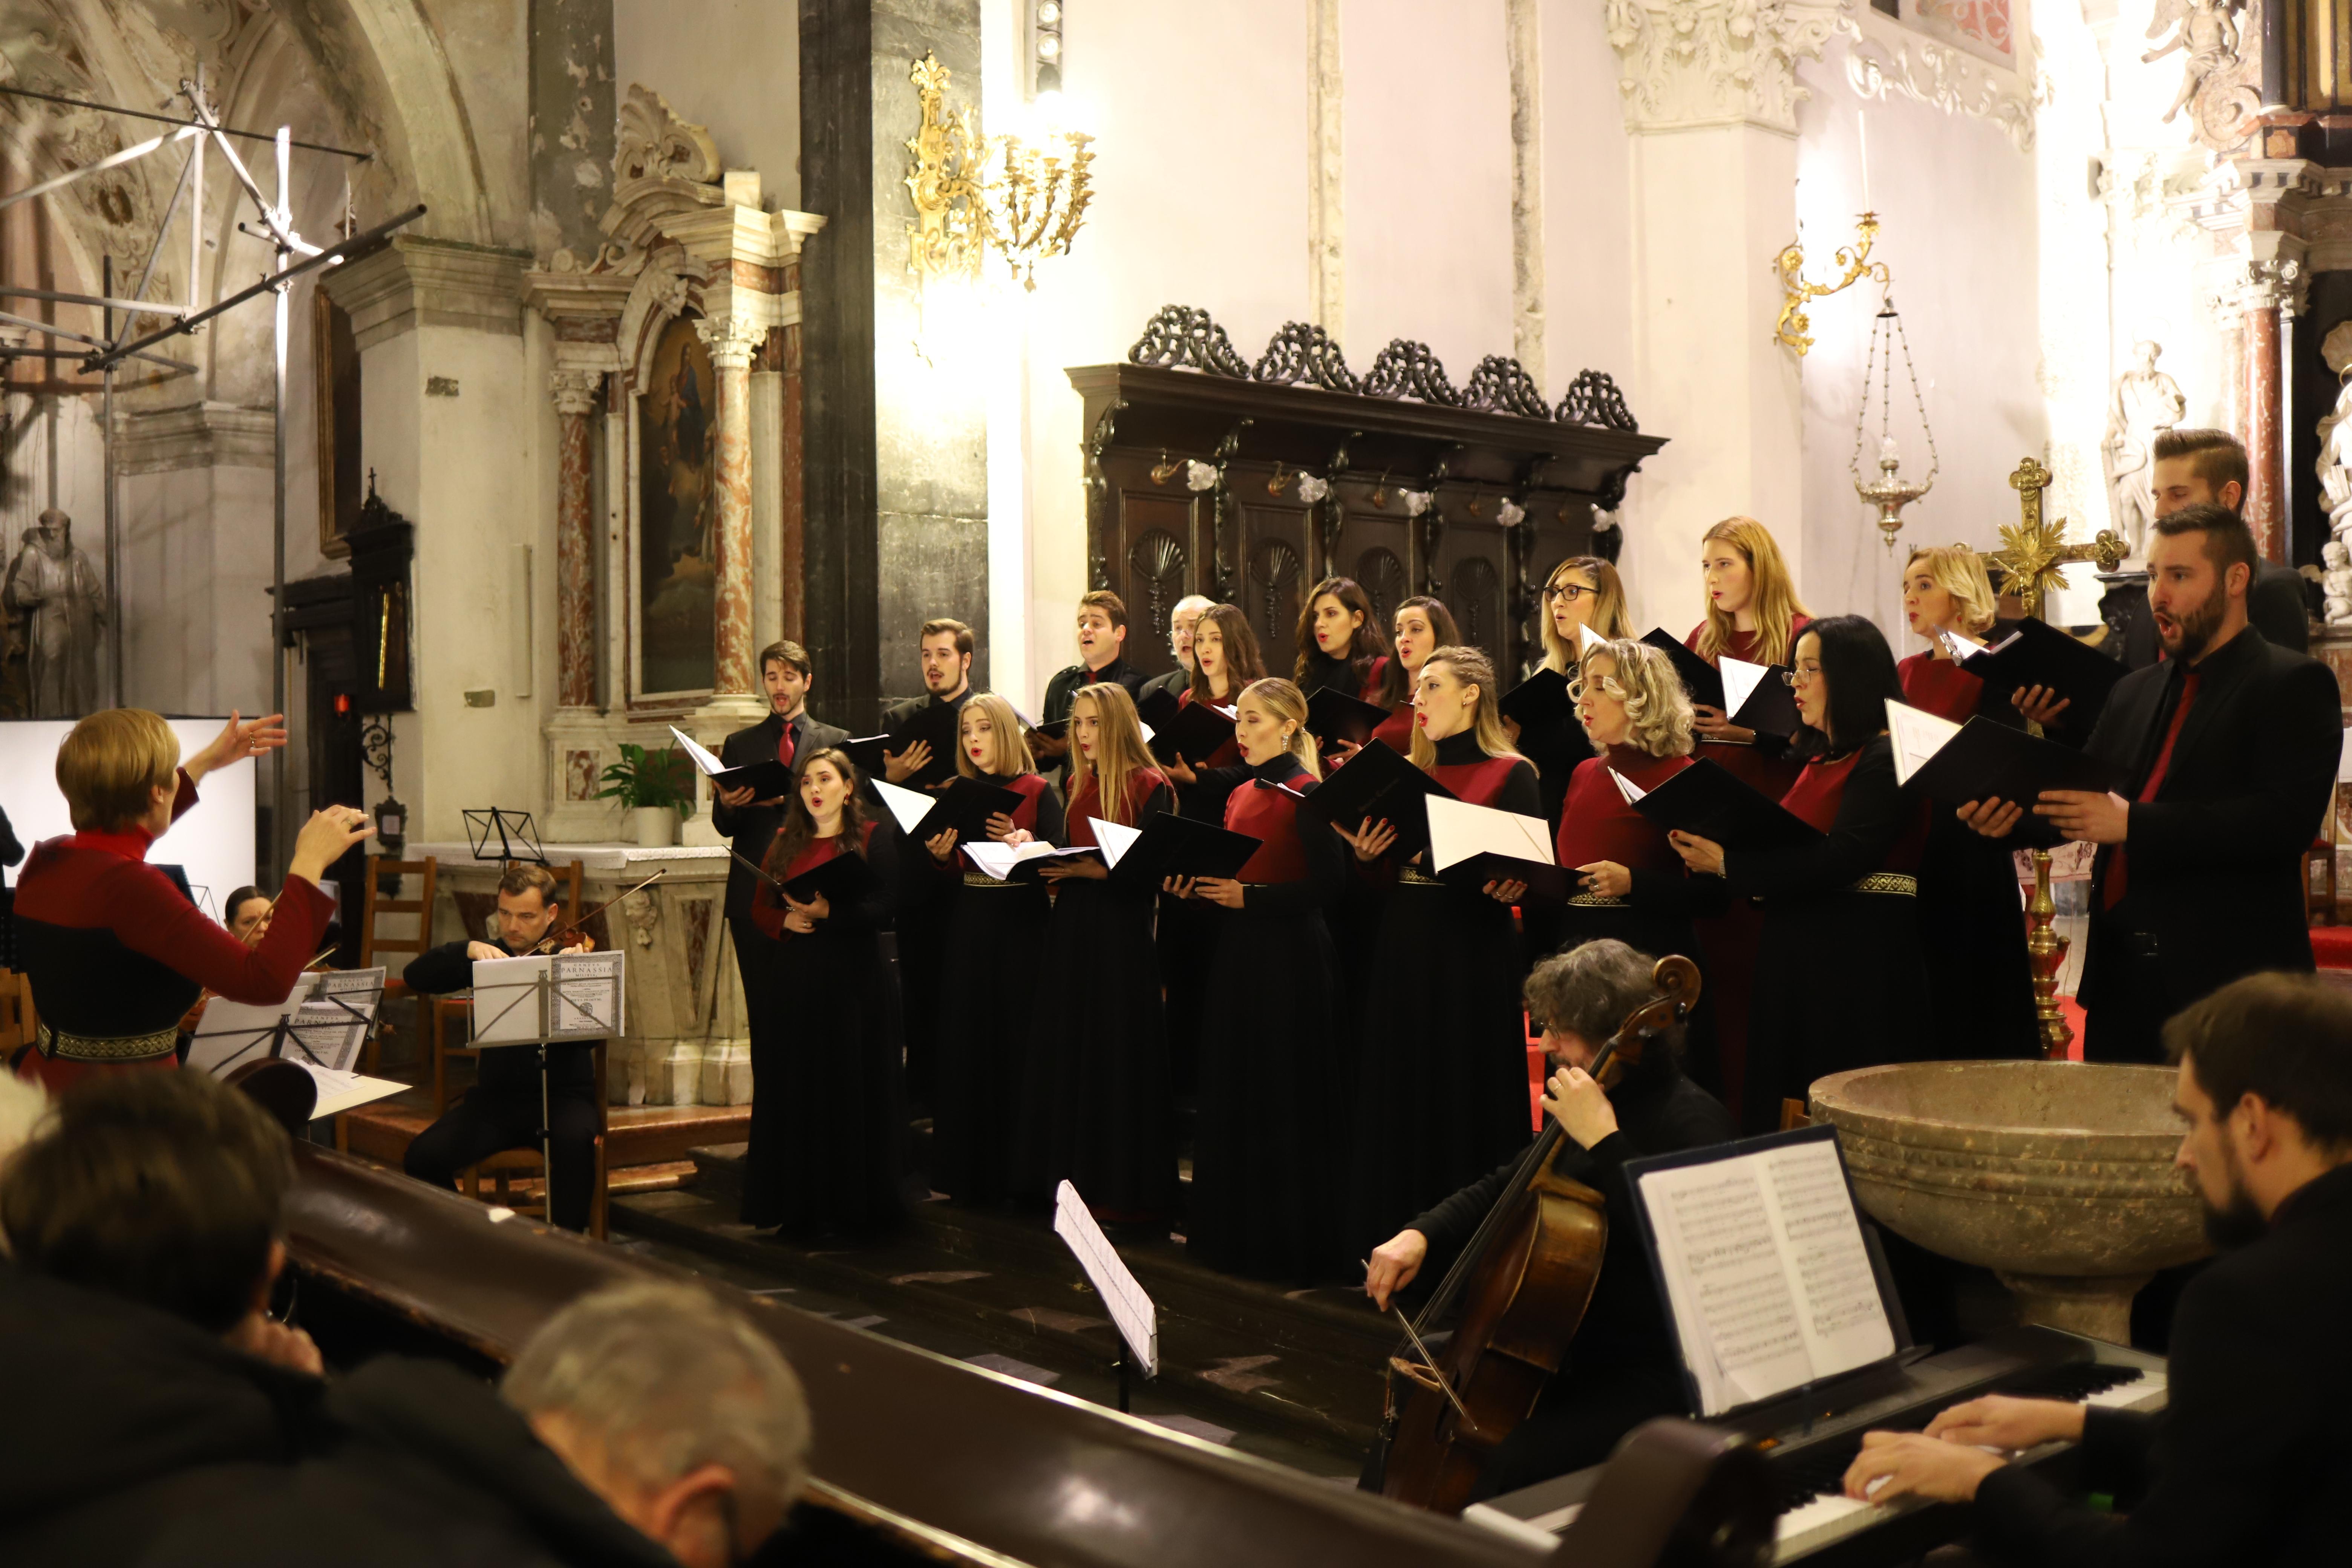 crkva zbor